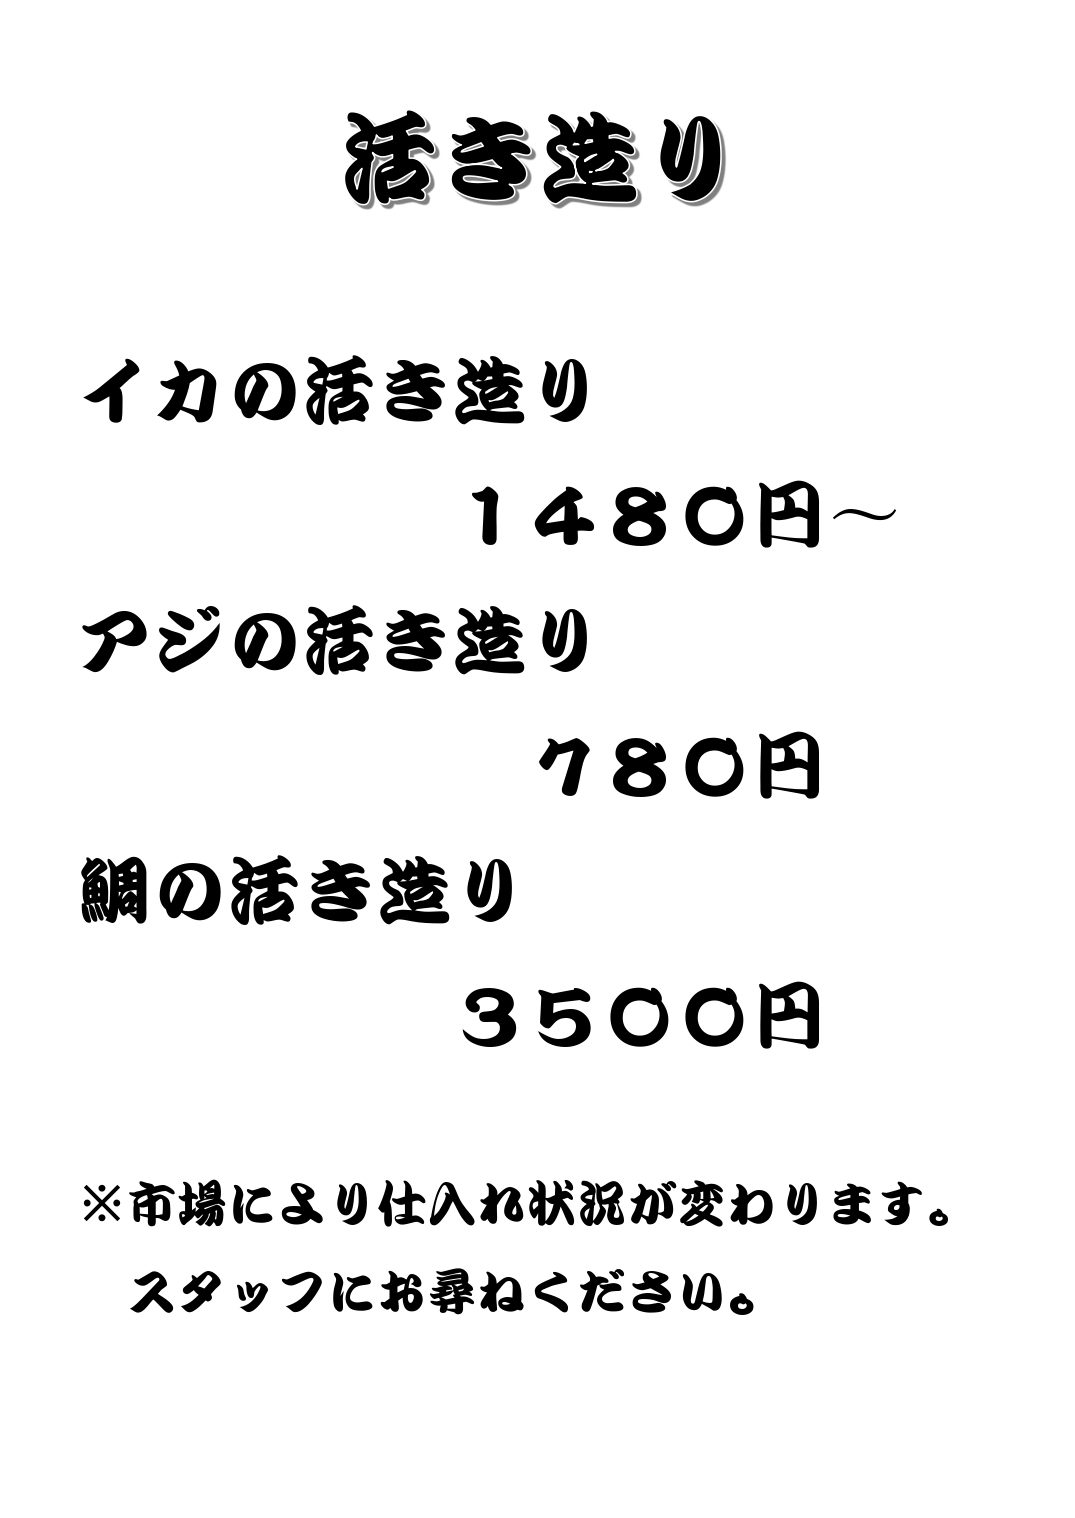 刺身メニュー_page-0001.jpg